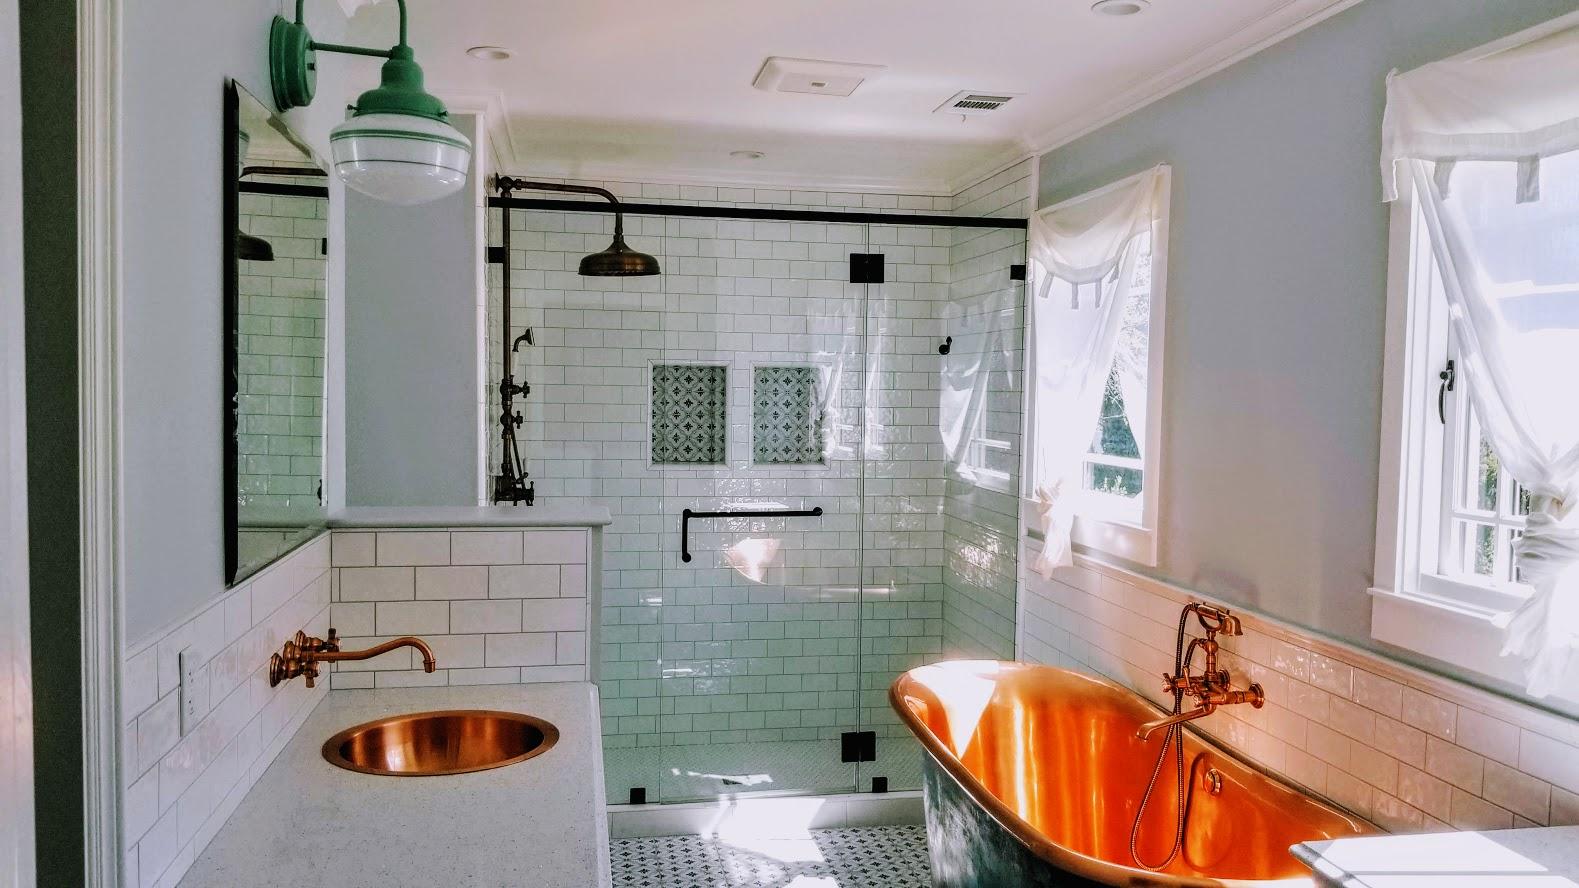 clifford bath pic 1.jpg